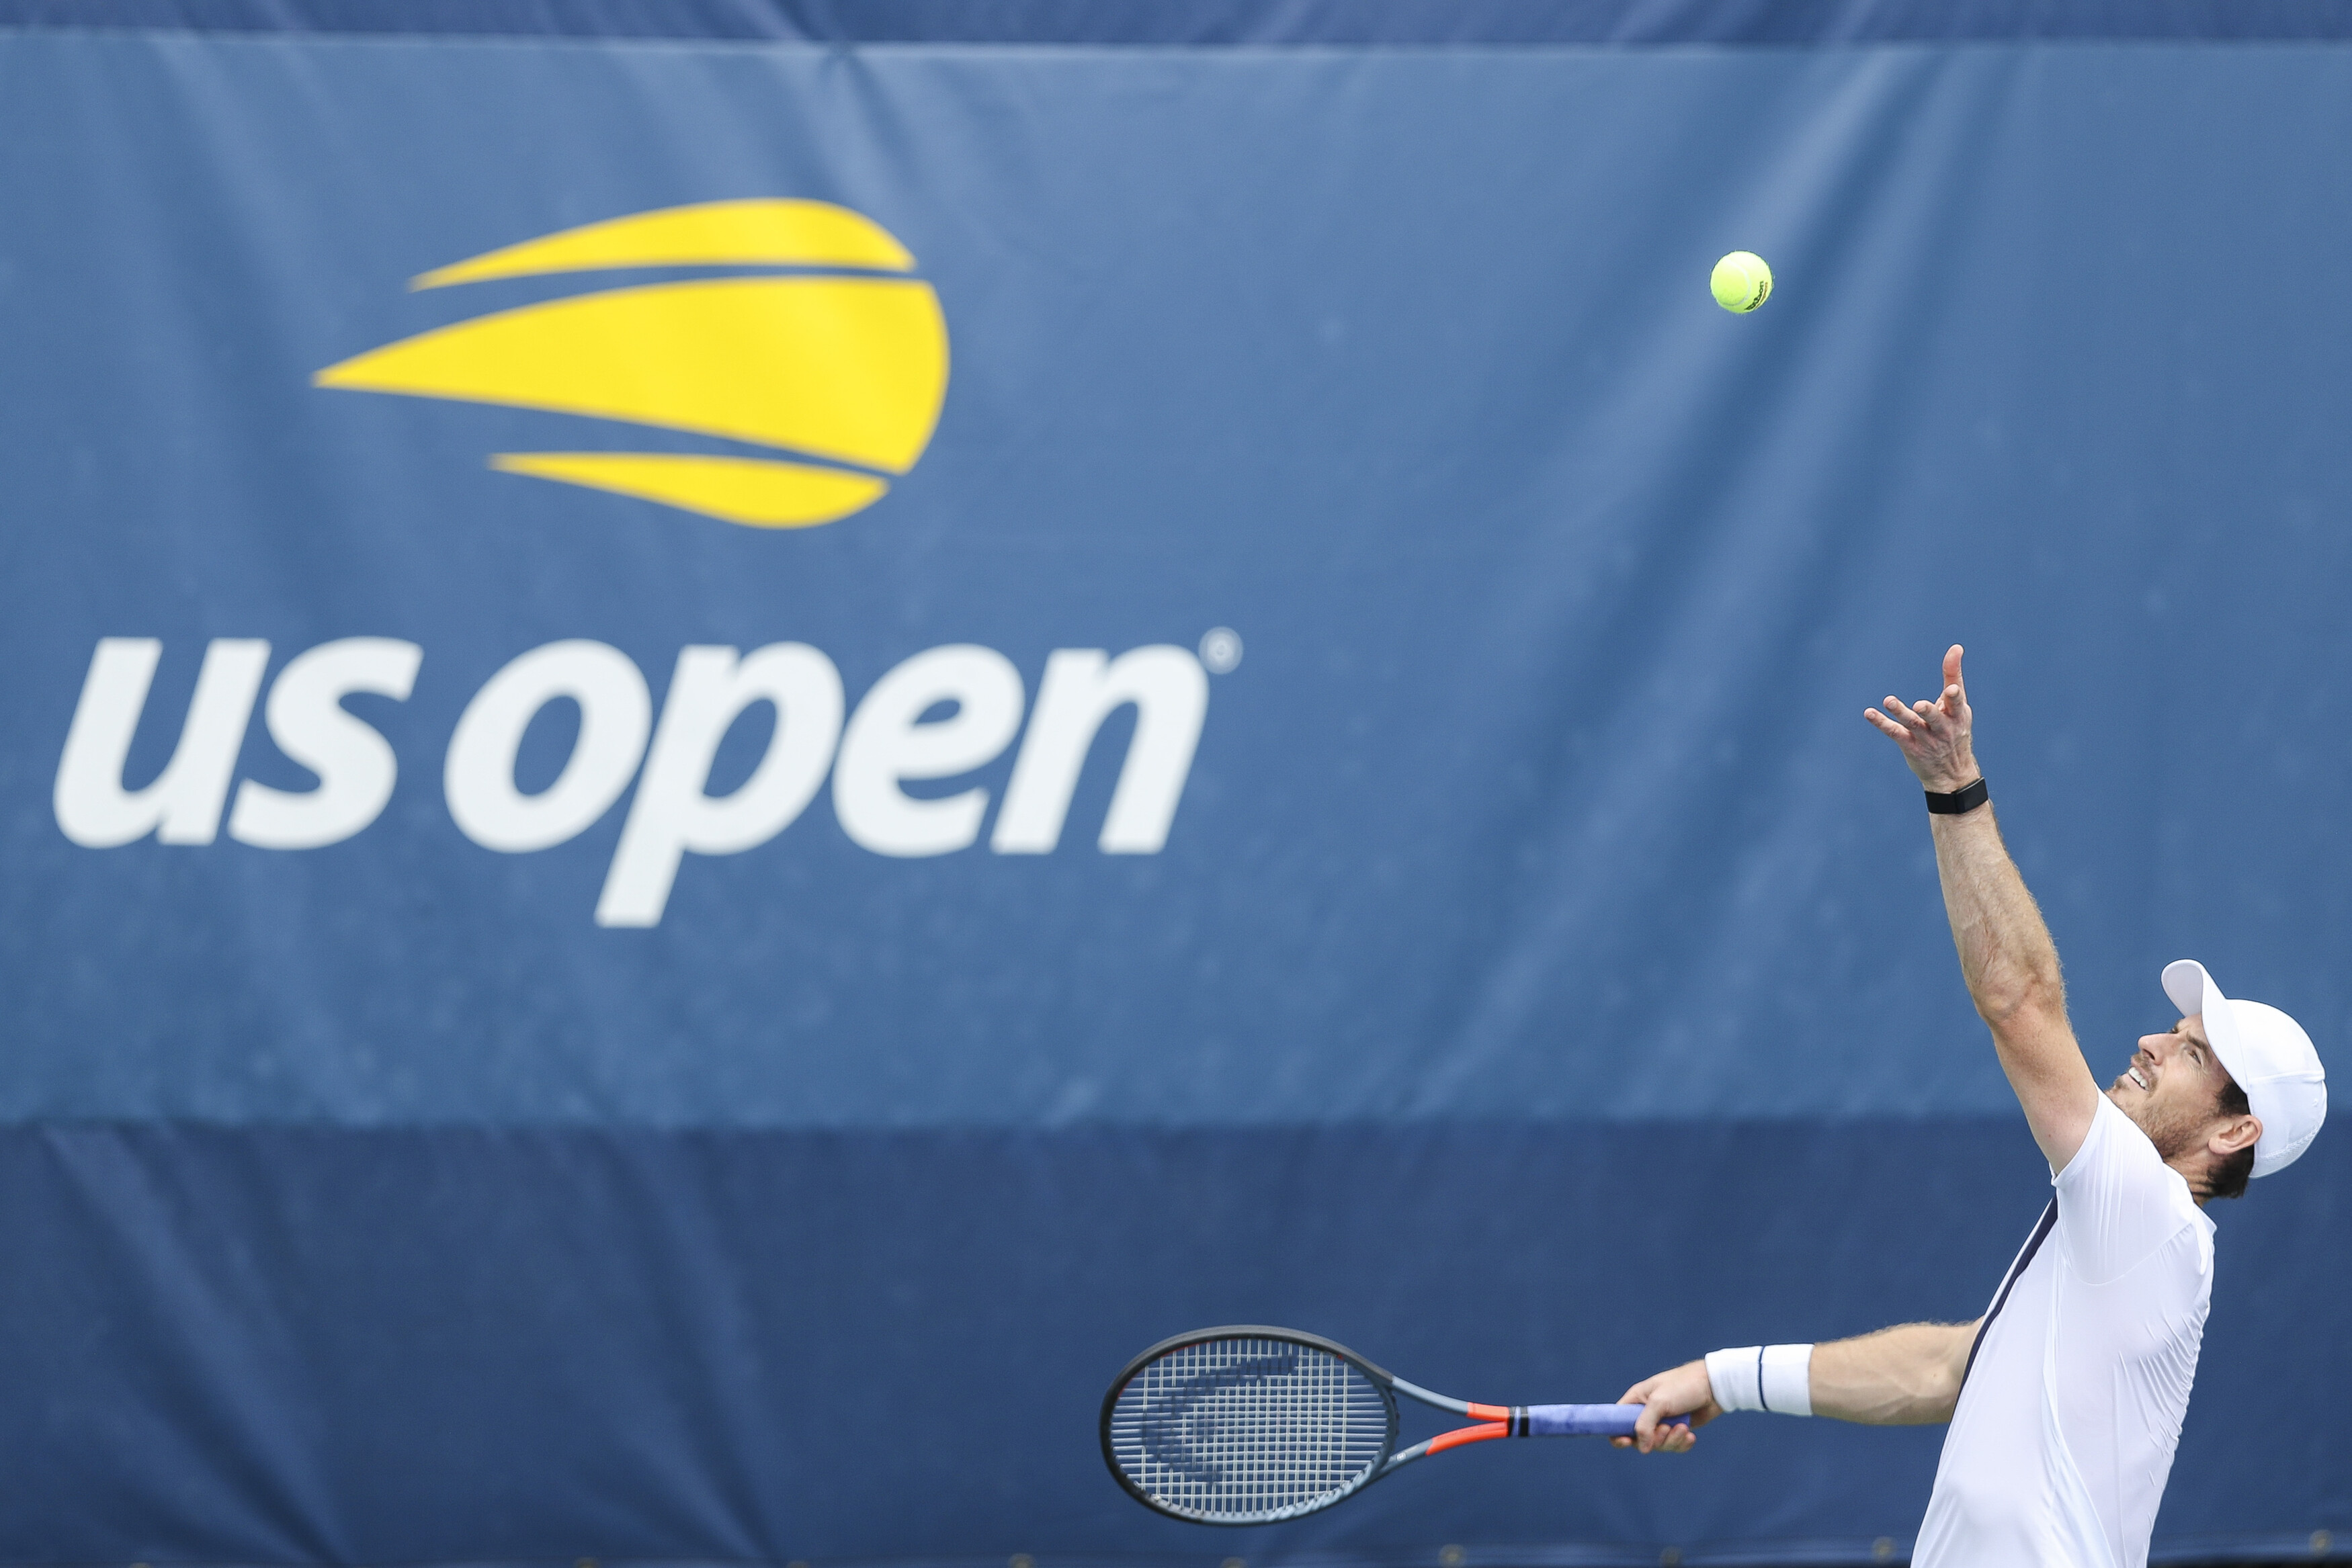 Se vivió una intensa primera jornada en el US Open